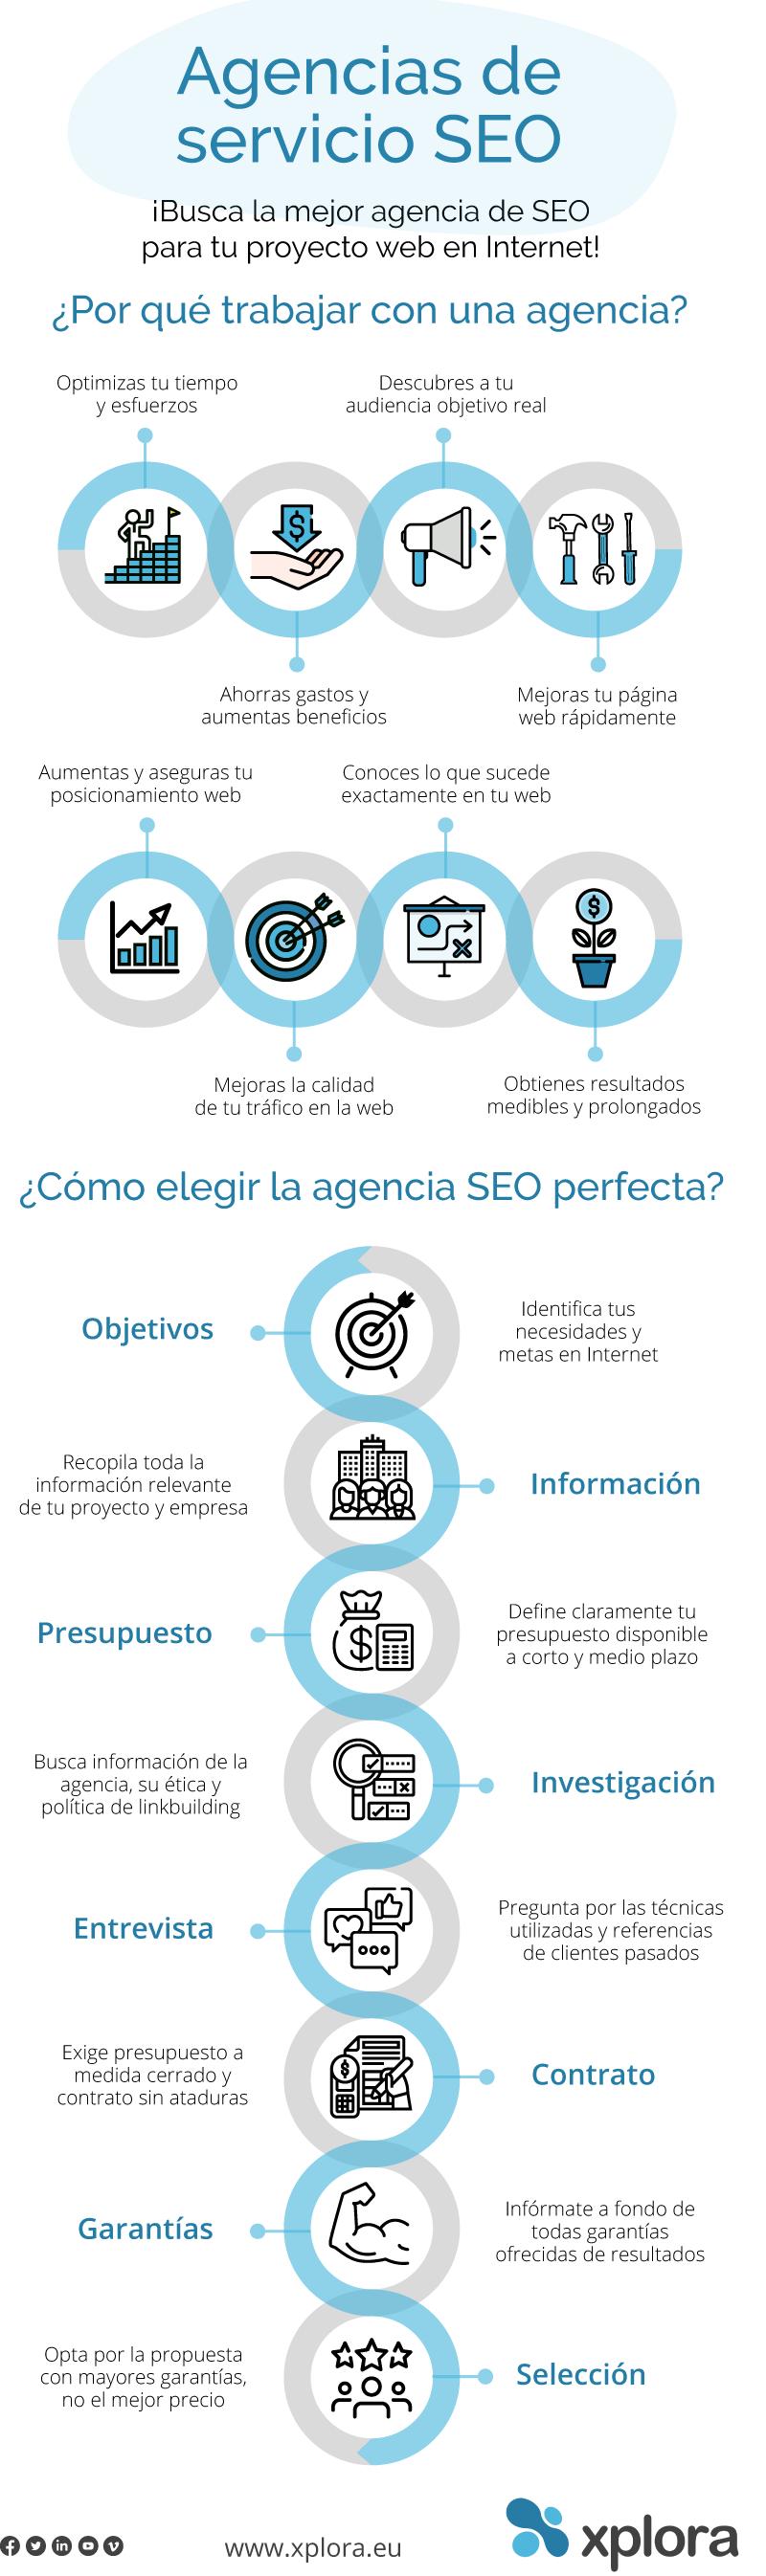 ¿Cómo elegir y contratar una agencia SEO y posicionamiento web?